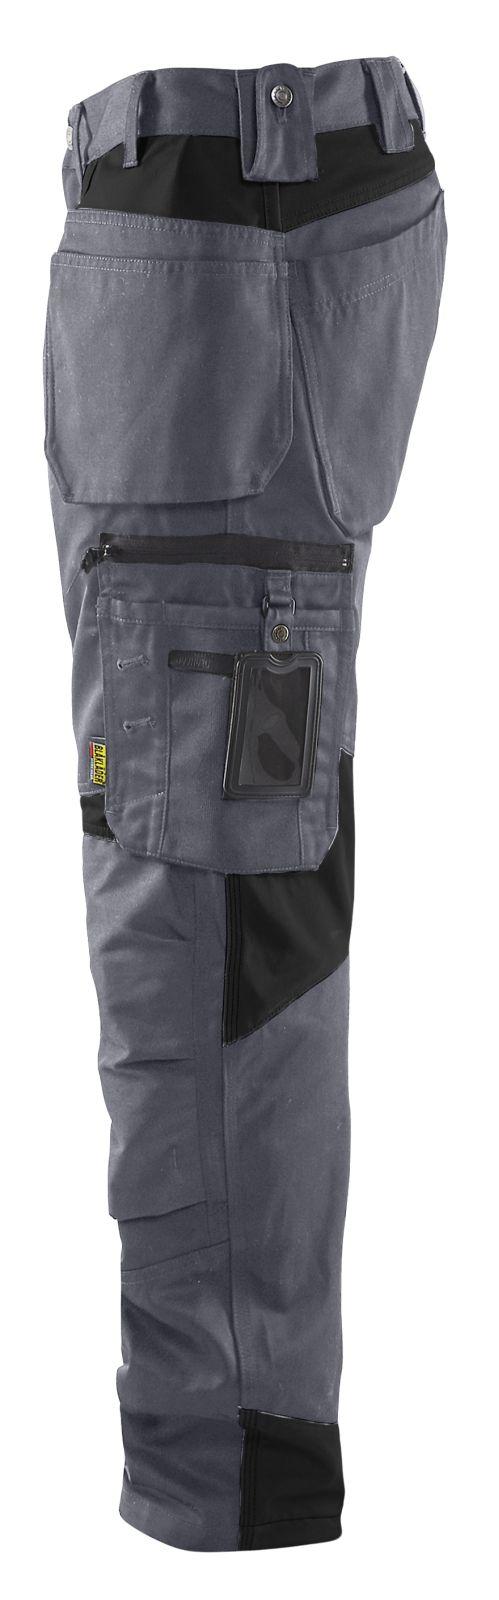 Blaklader Broeken 15551860 grijs-zwart(9499)